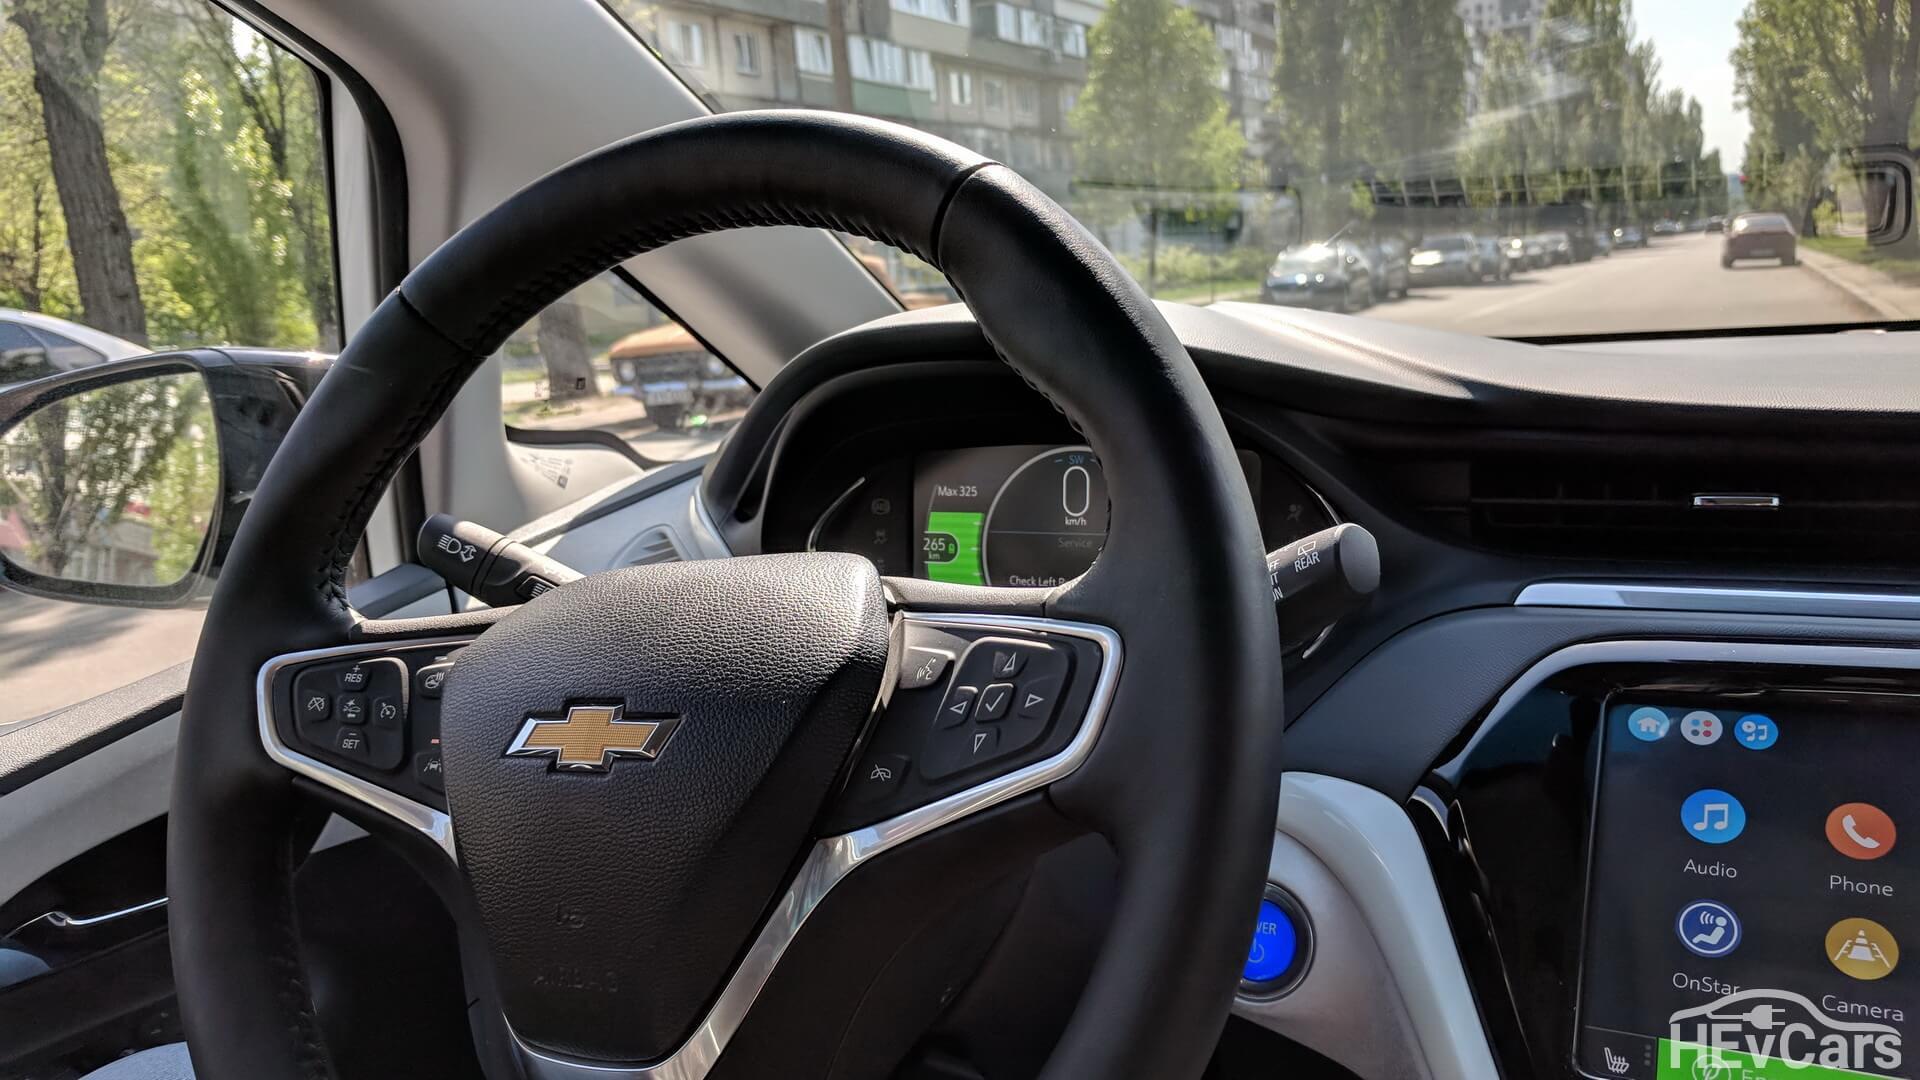 Рулевое колесо и органы управления на нем в Chevrolet Bolt